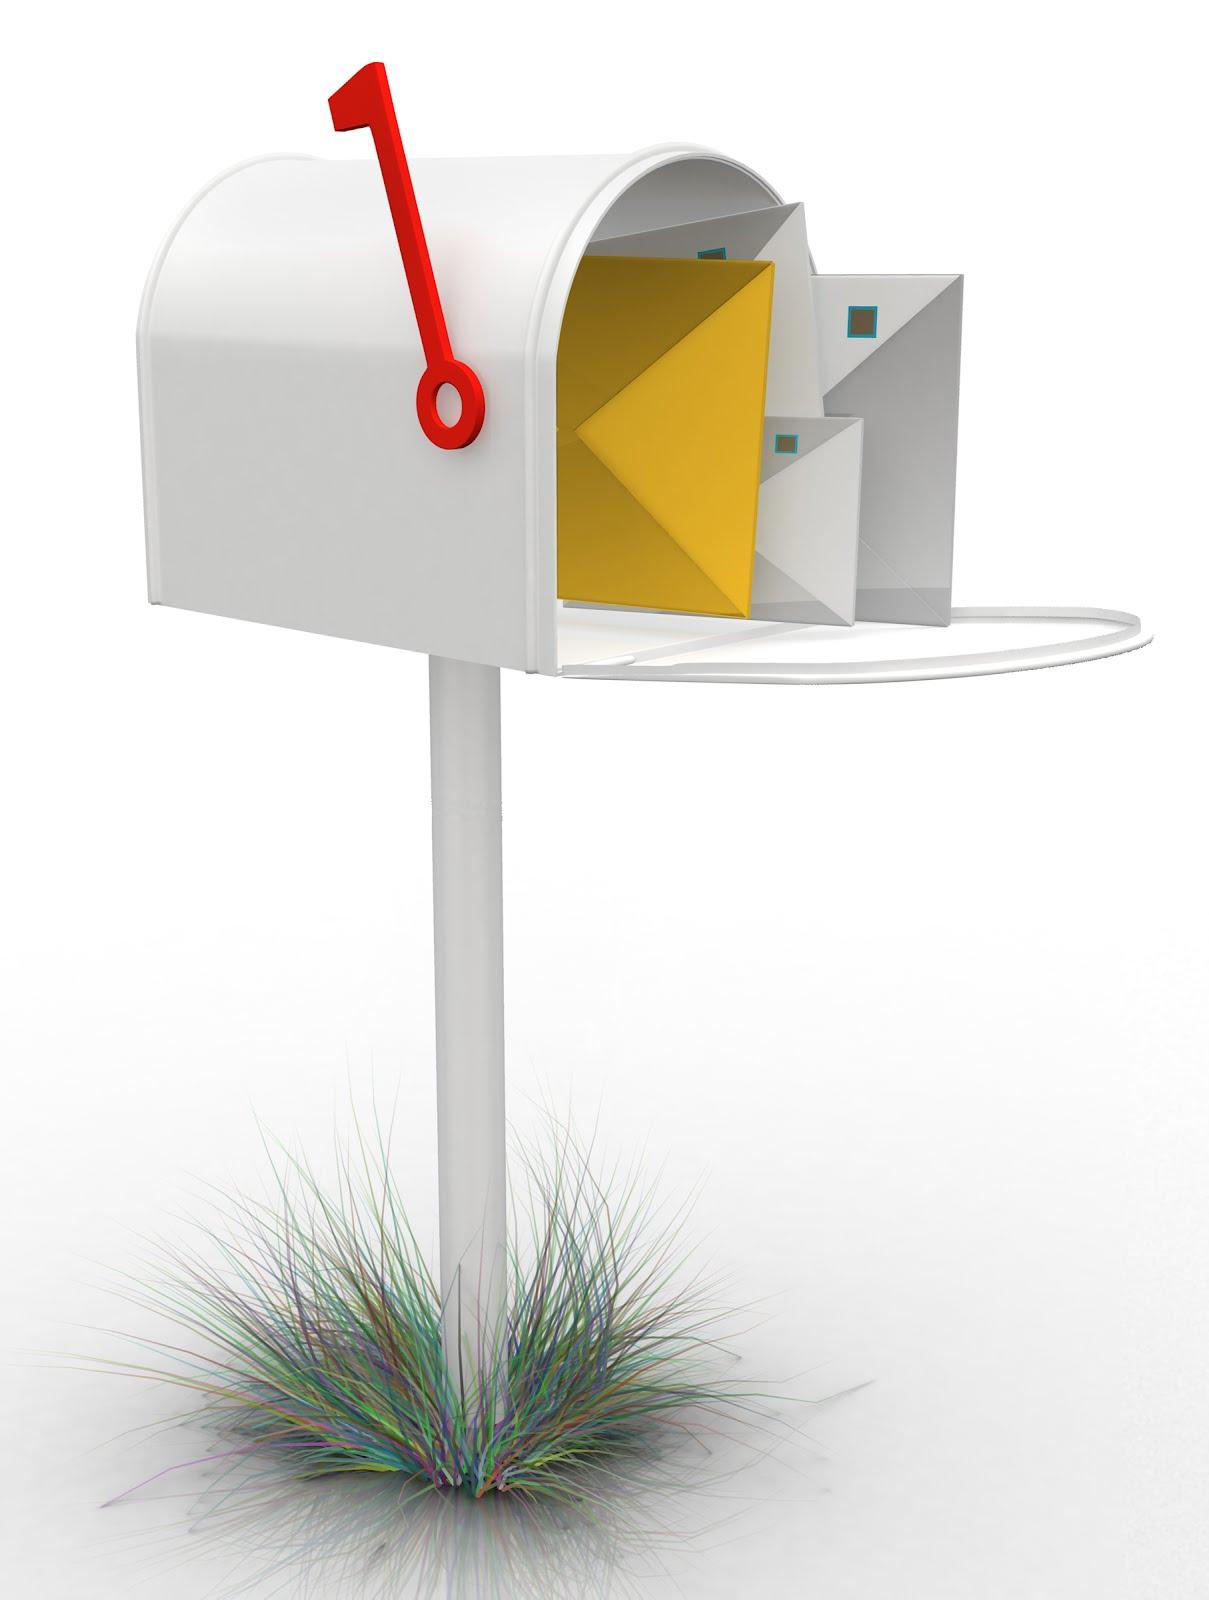 Dakota Alert Mailbox Alert